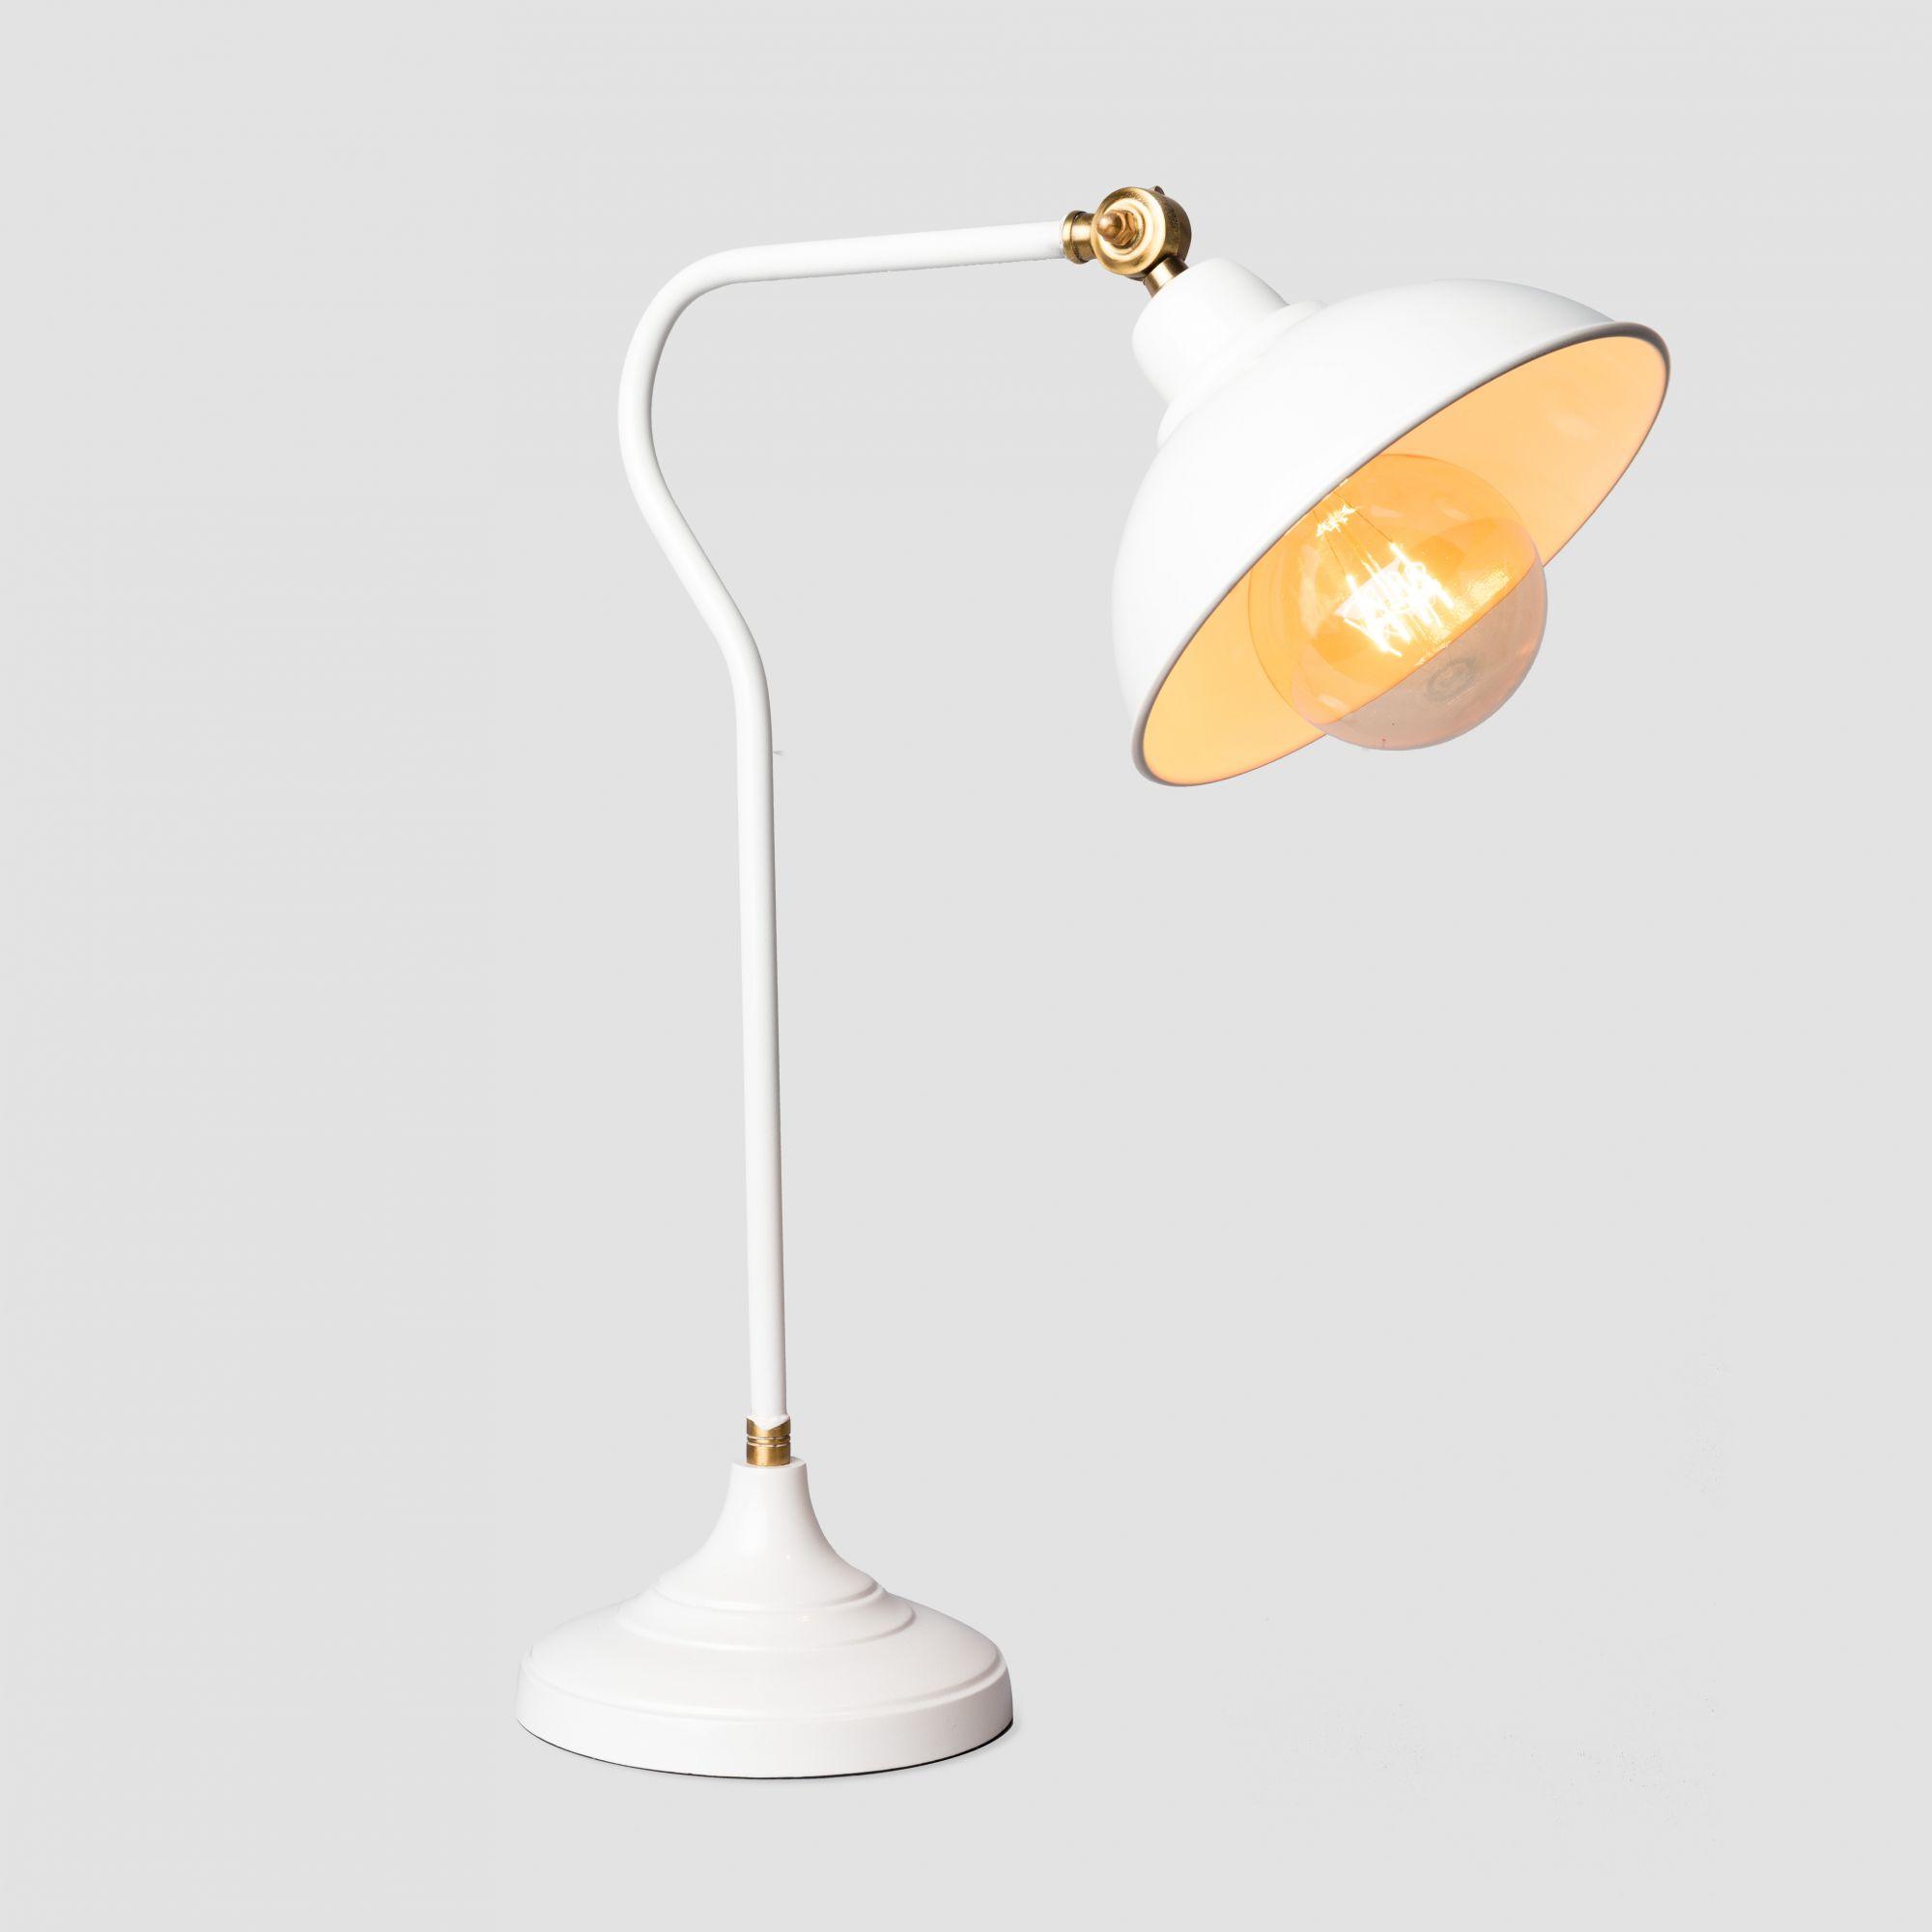 Calcutta Desk Lamp